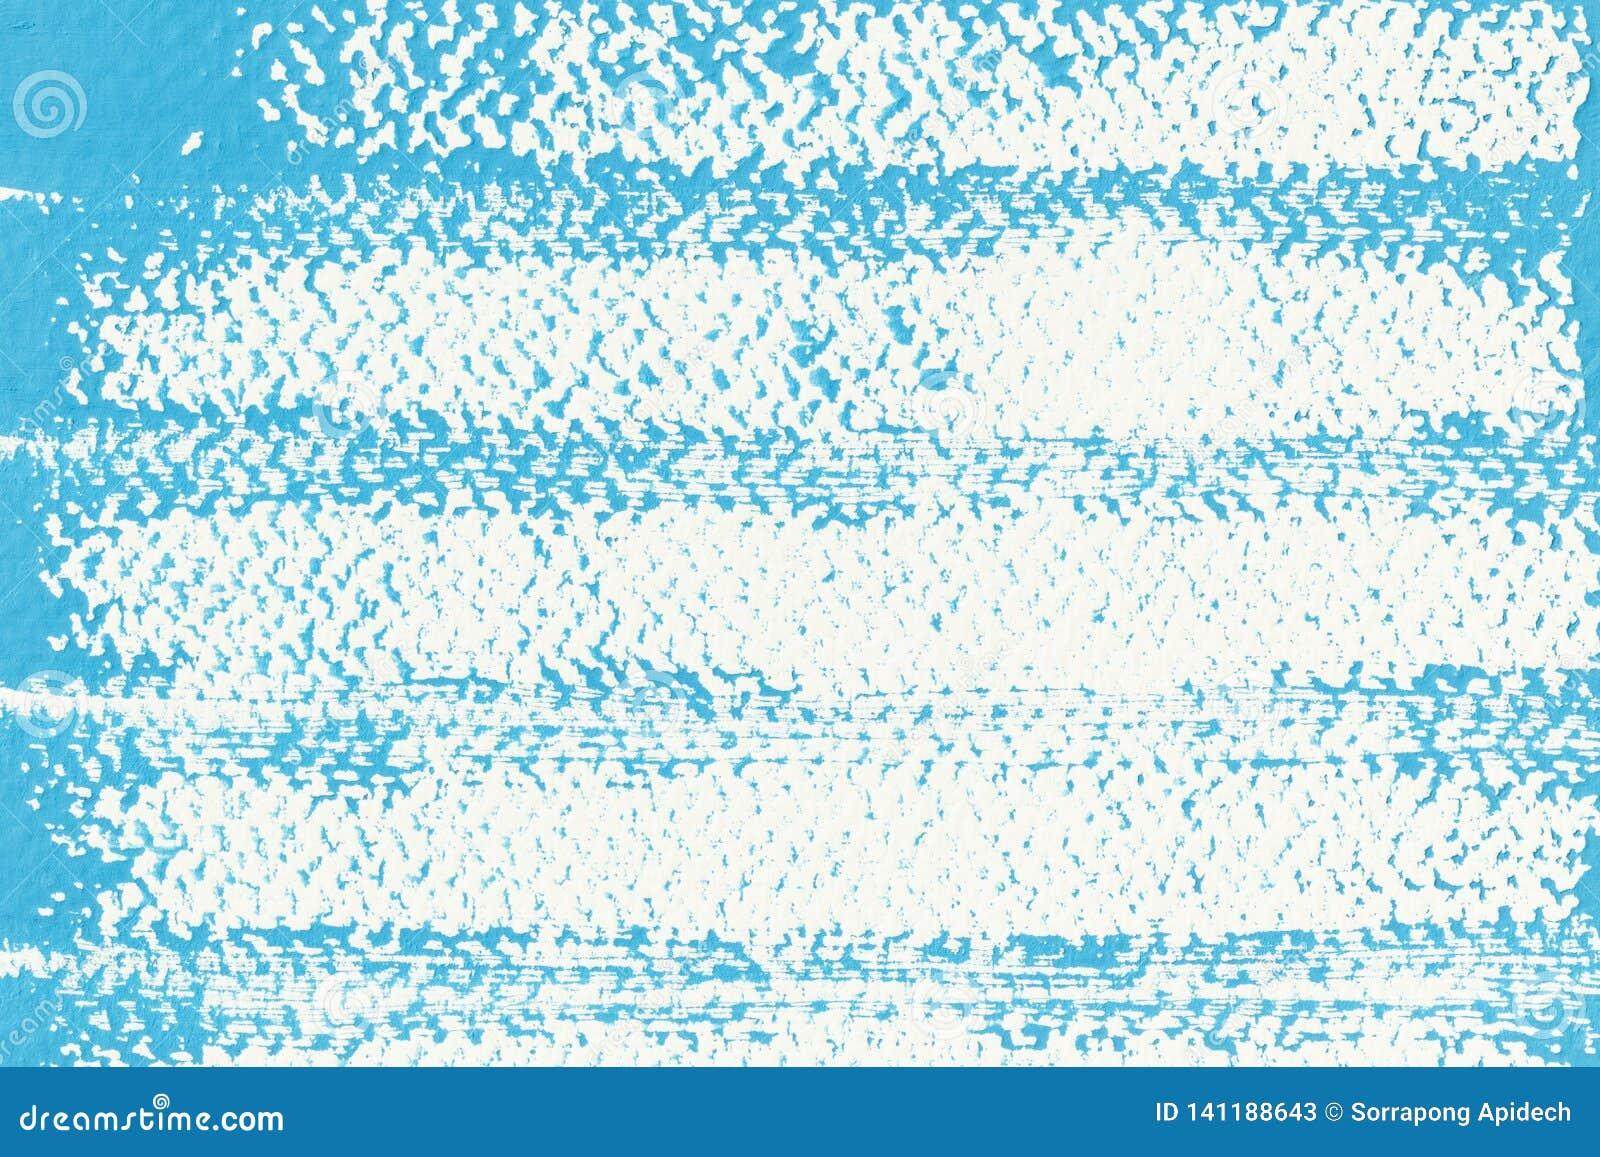 Abstrakte blaue Plakatfarbe auf Weißbuch für Hintergrund, die Oberfläche des blauen Aquarells auf weißem Hintergrund